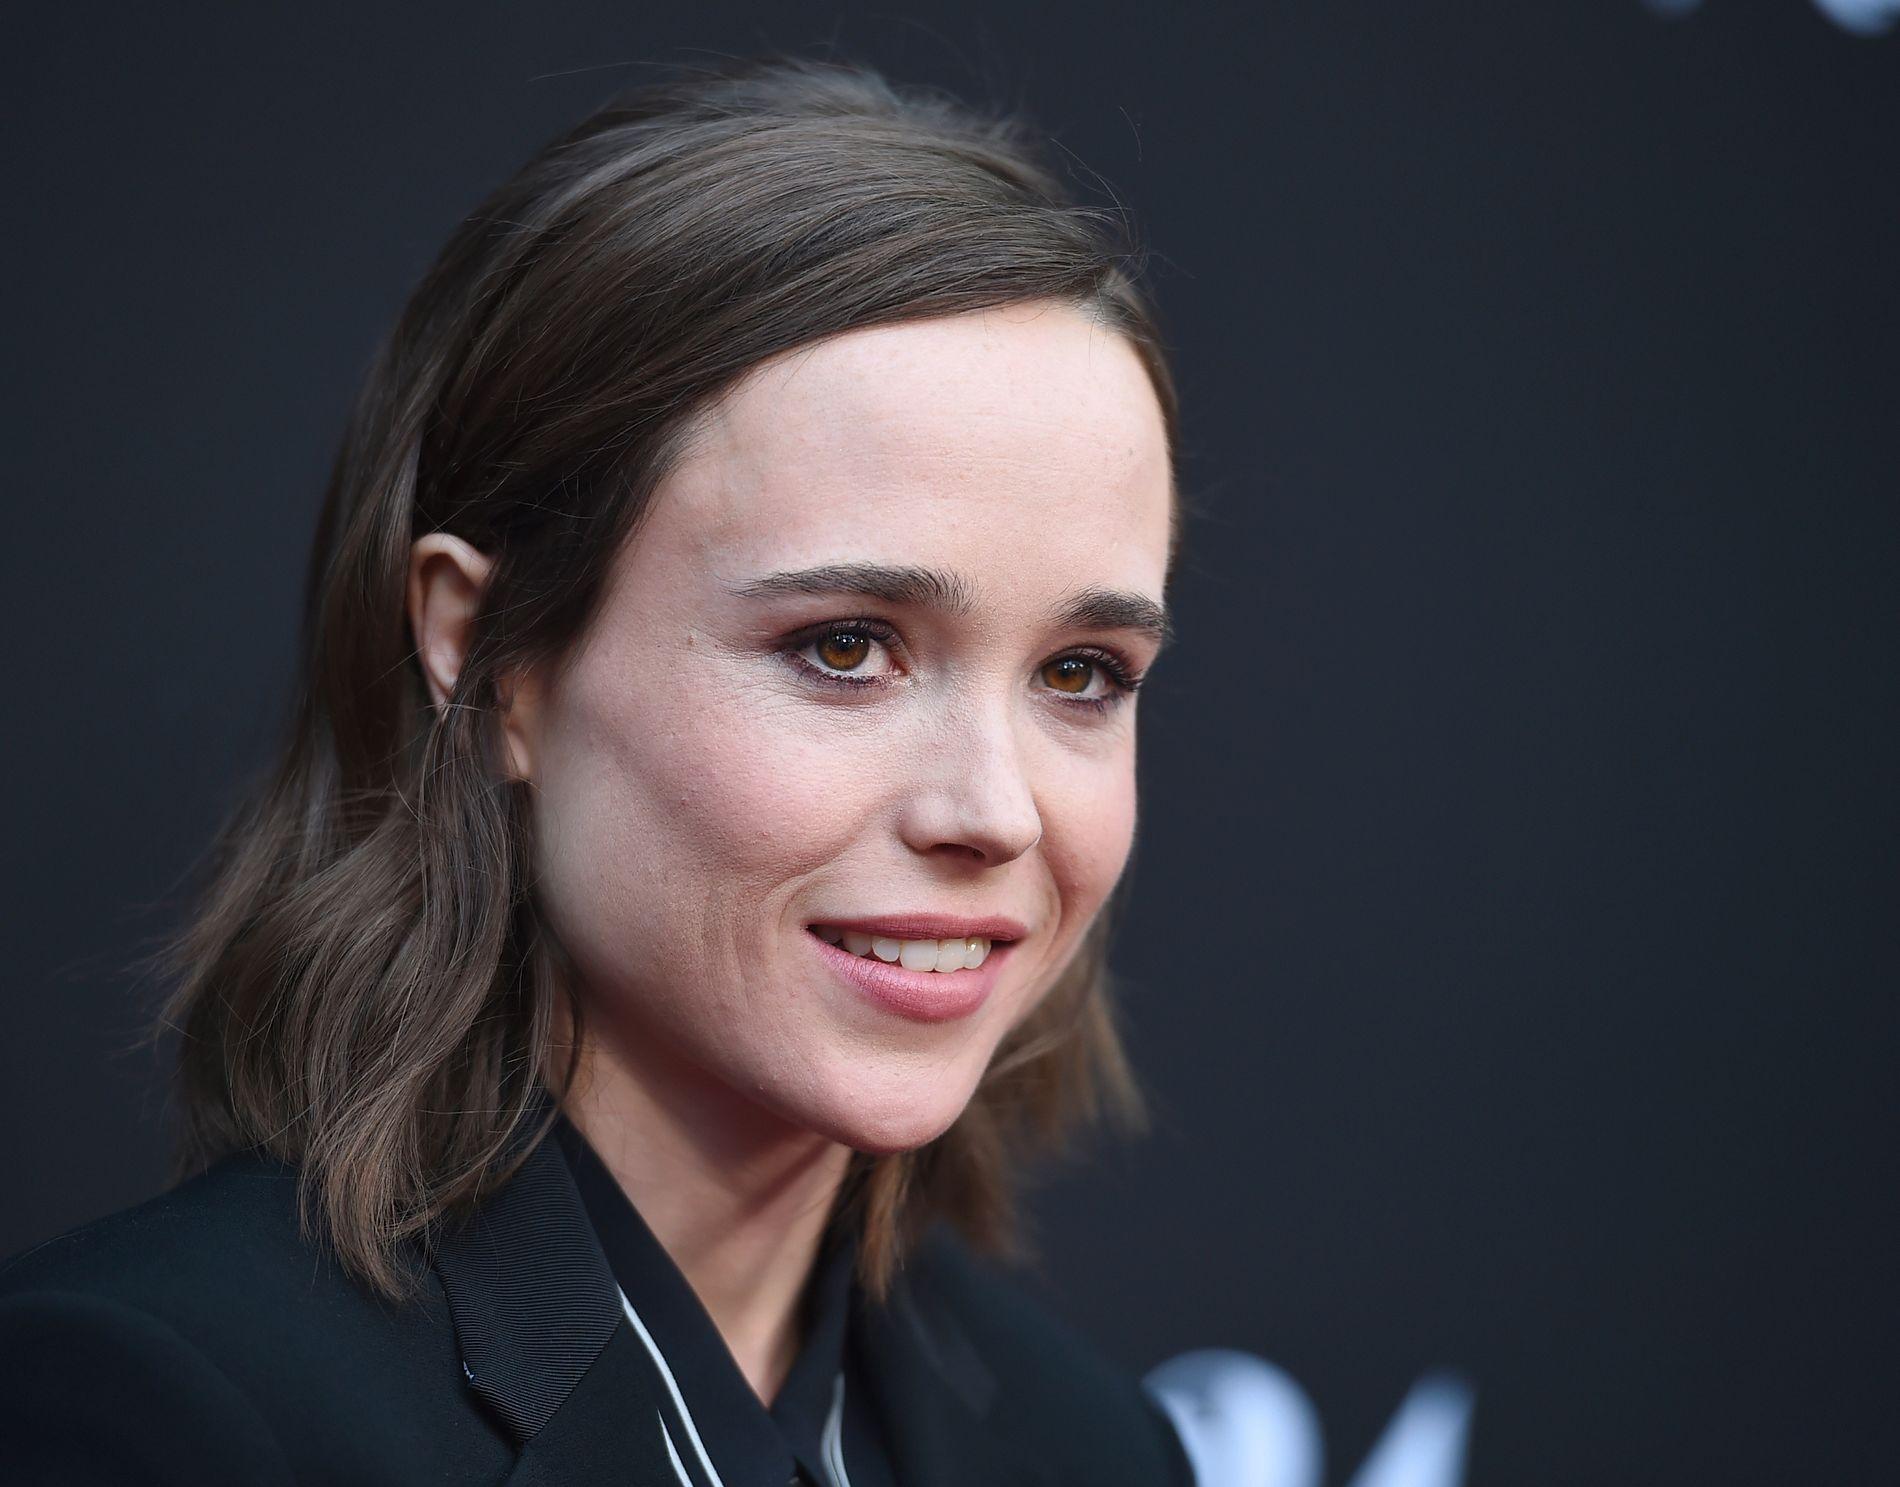 STÅR FREM: Skuespiller Ellen Page snakket offentlig om legningen sin for første gang i februar 2014. Nå anklager hun Hollywood-produsent Brett Ratner for å ha ydmyket henne for legningen sin. Foto: JORDAN STRAUSS / INVISION / AP